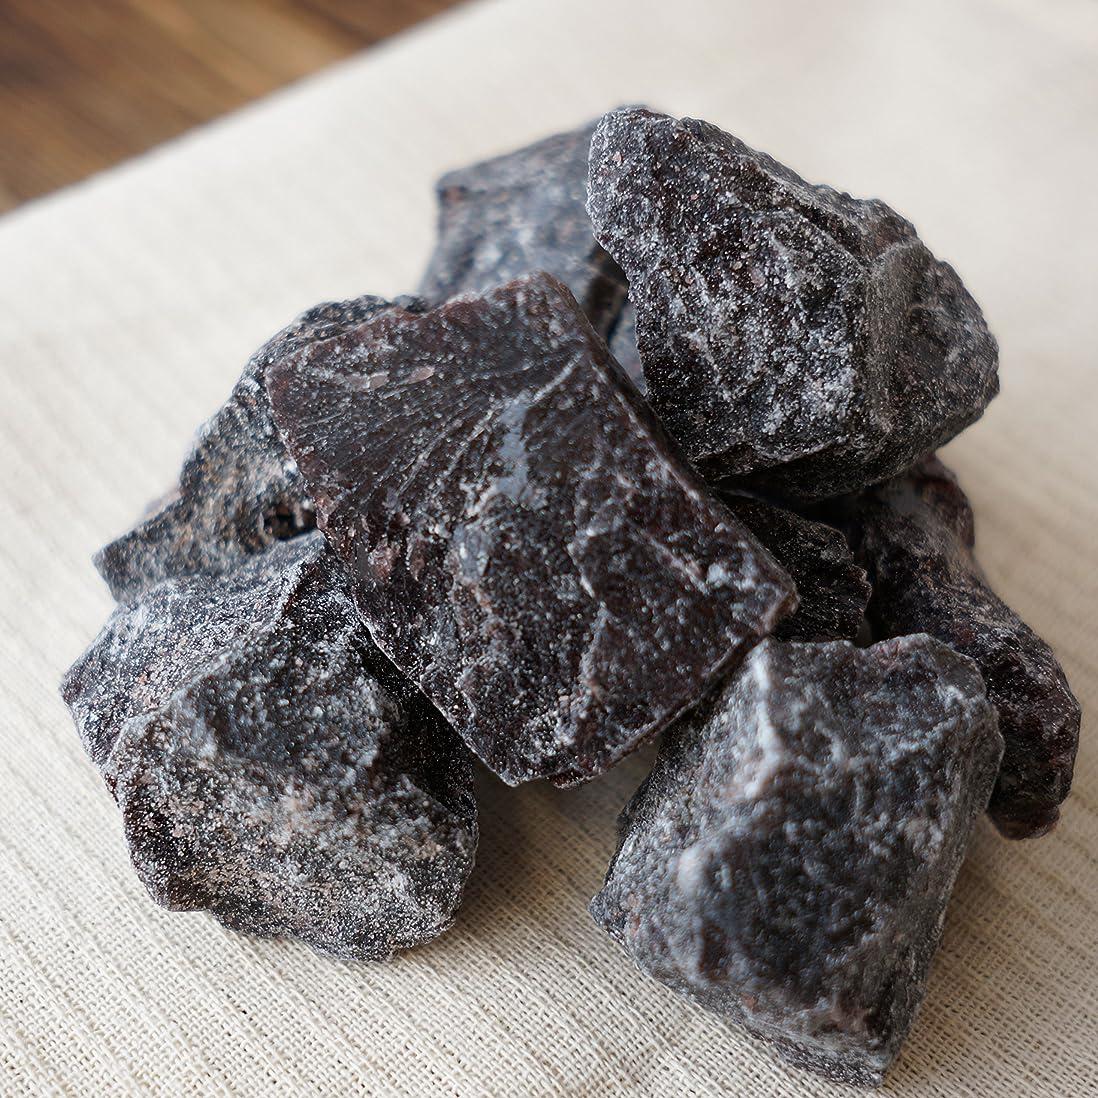 意図的集団該当する希少 インド岩塩 ルビー ブロック 約2-5cm 20kg 20,000g 原料